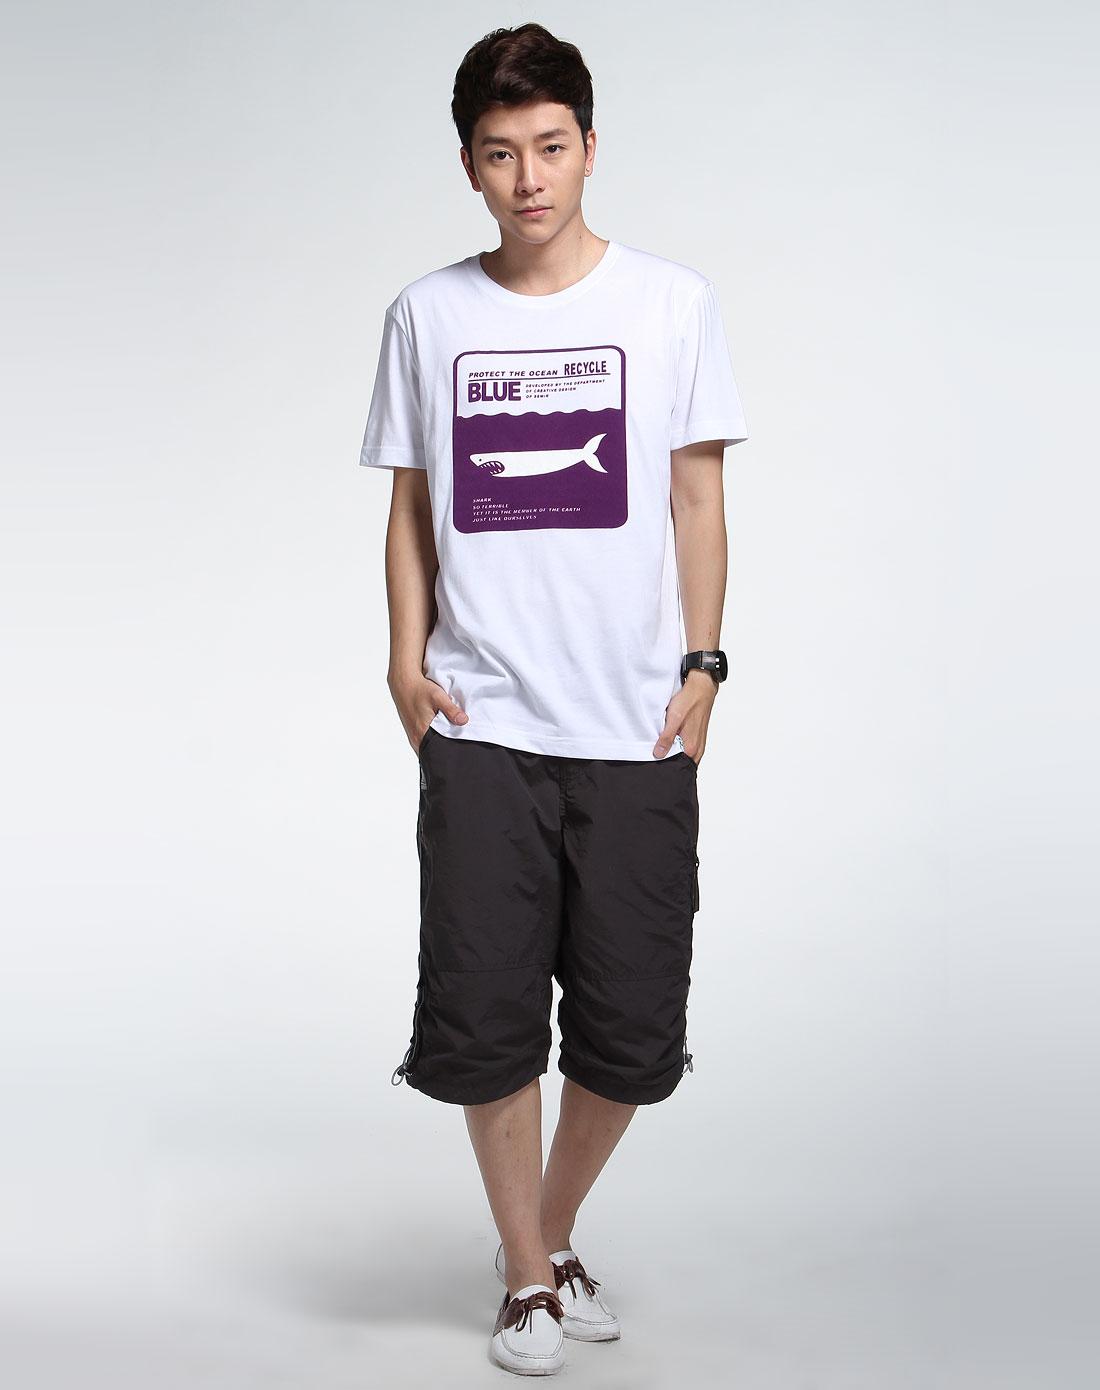 森马男装专场-白色休闲短袖t恤